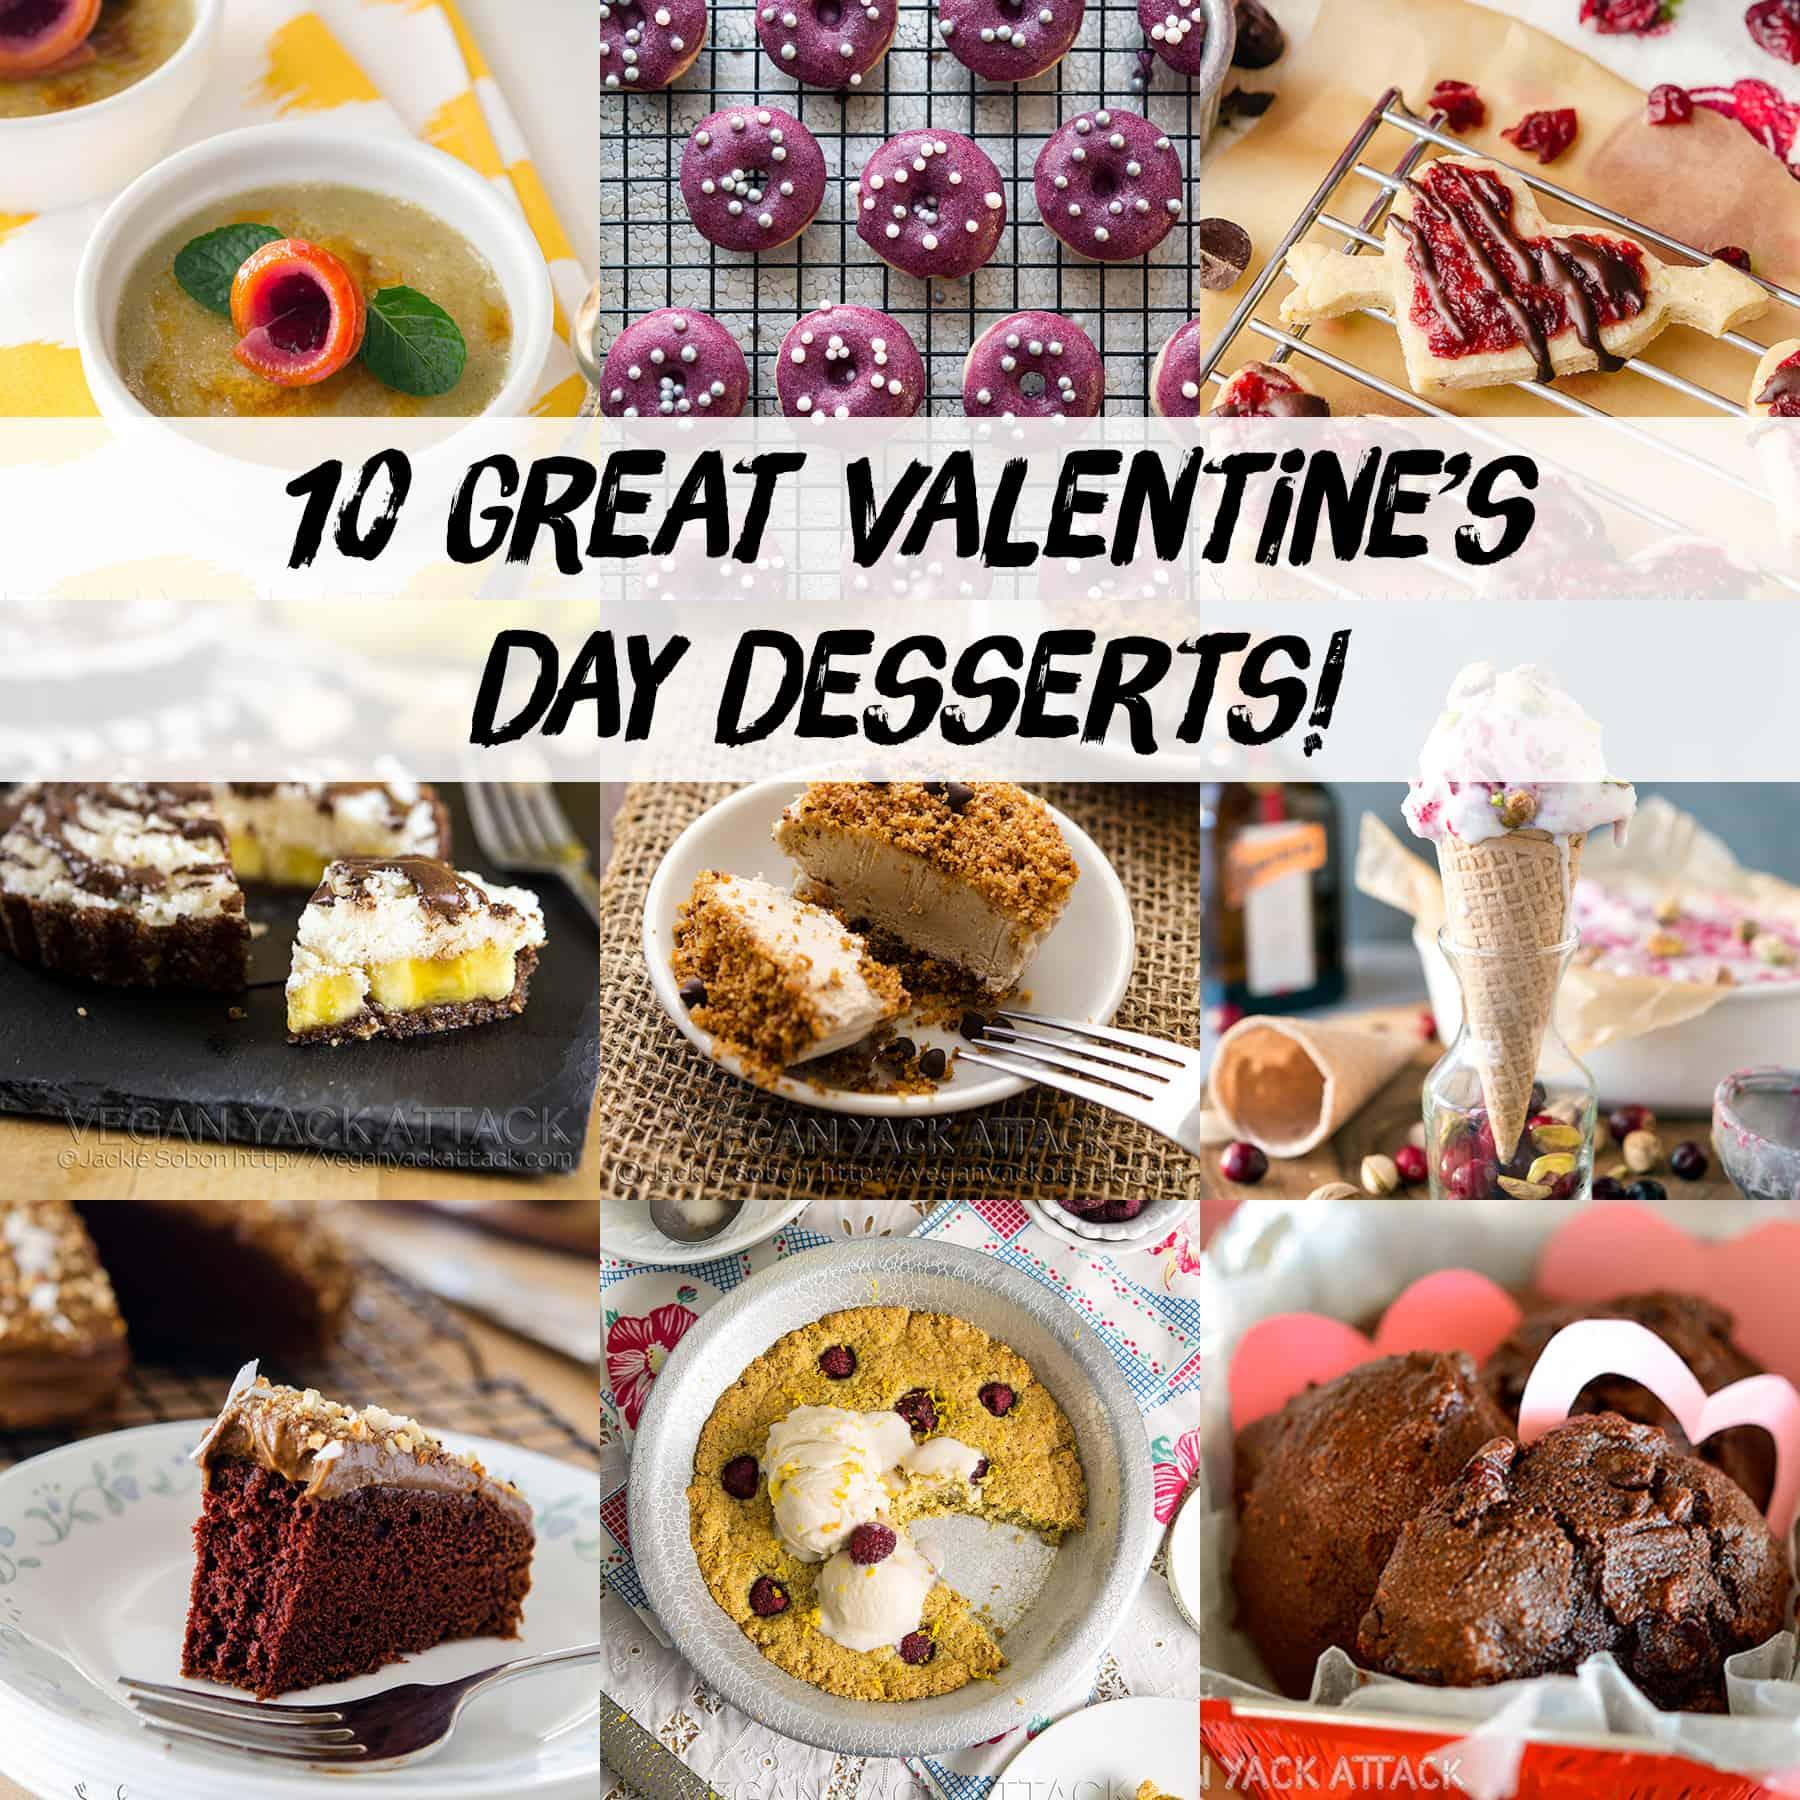 10 Great Valentine's Day Desserts